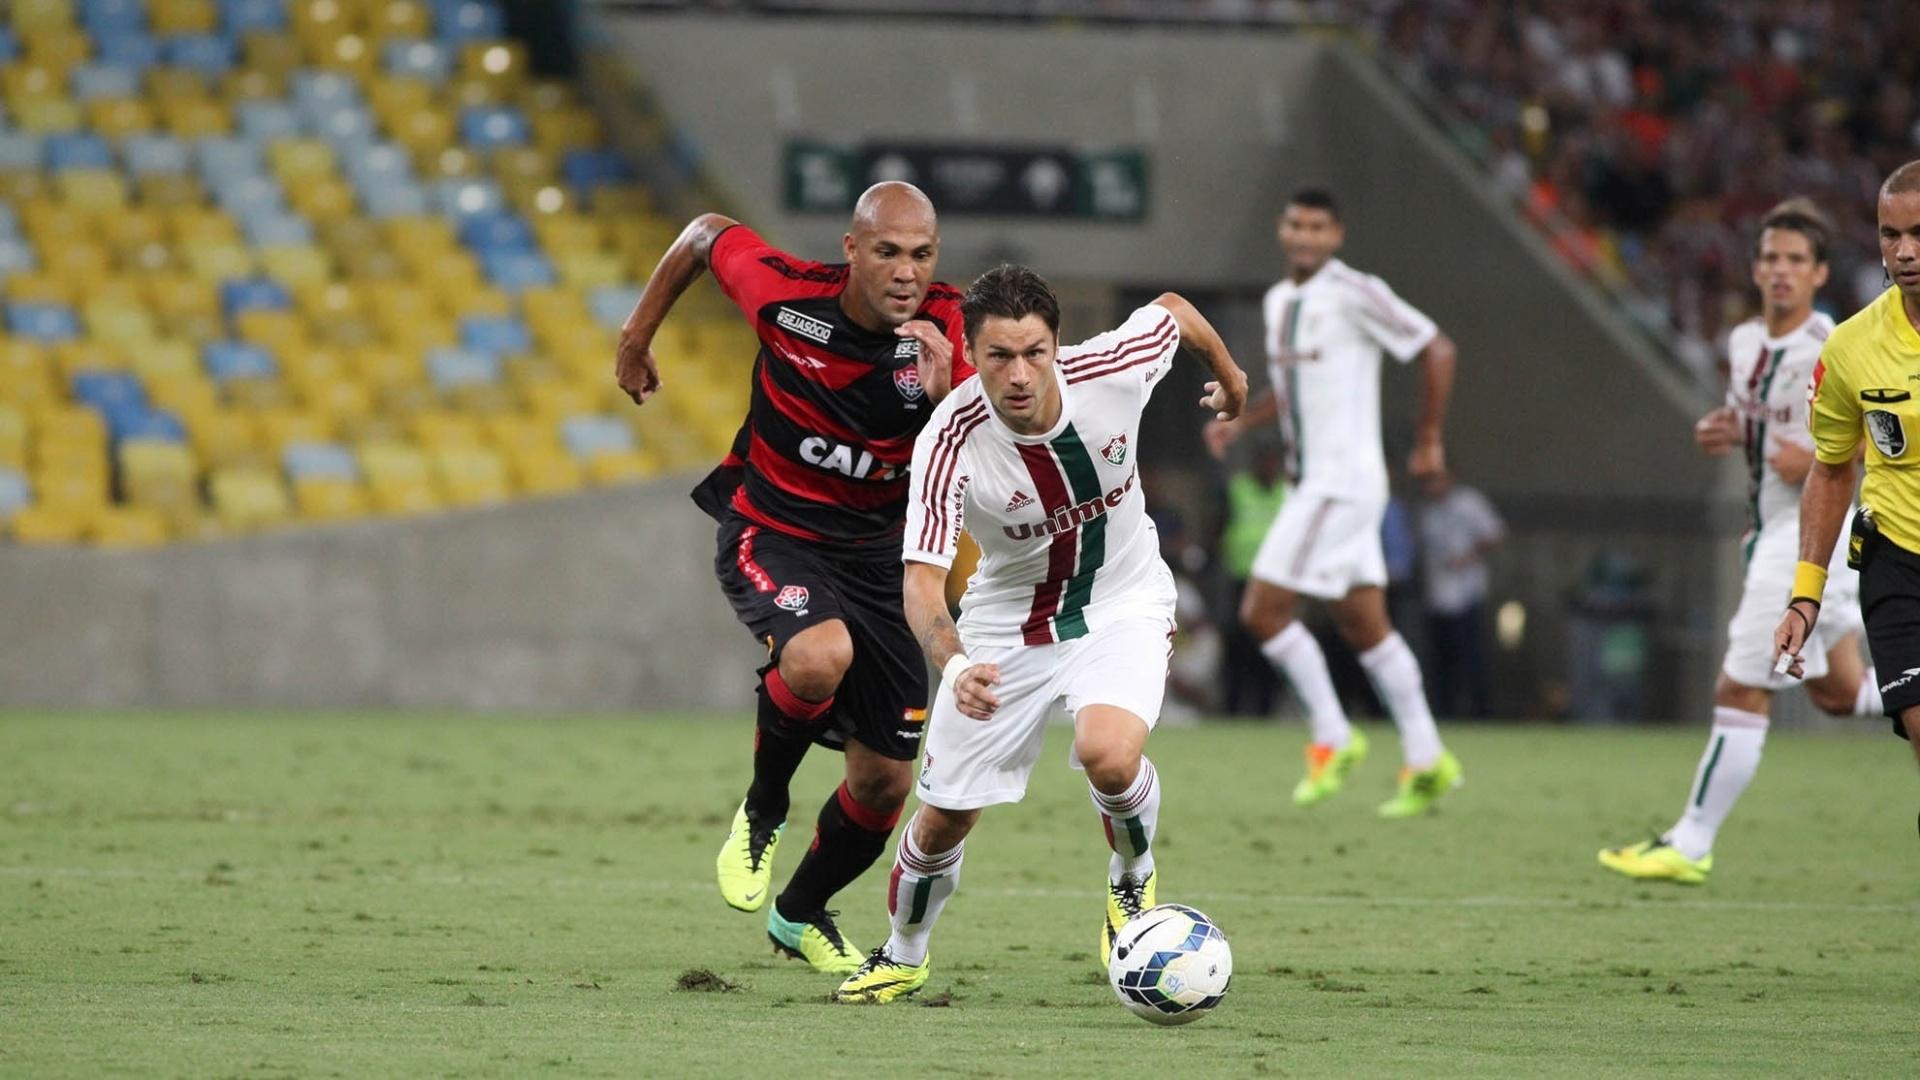 3.mai.2014 - Atacante Rafael Sóbis carrega a bola no gramado do Maracanã na partida contra o Vitória